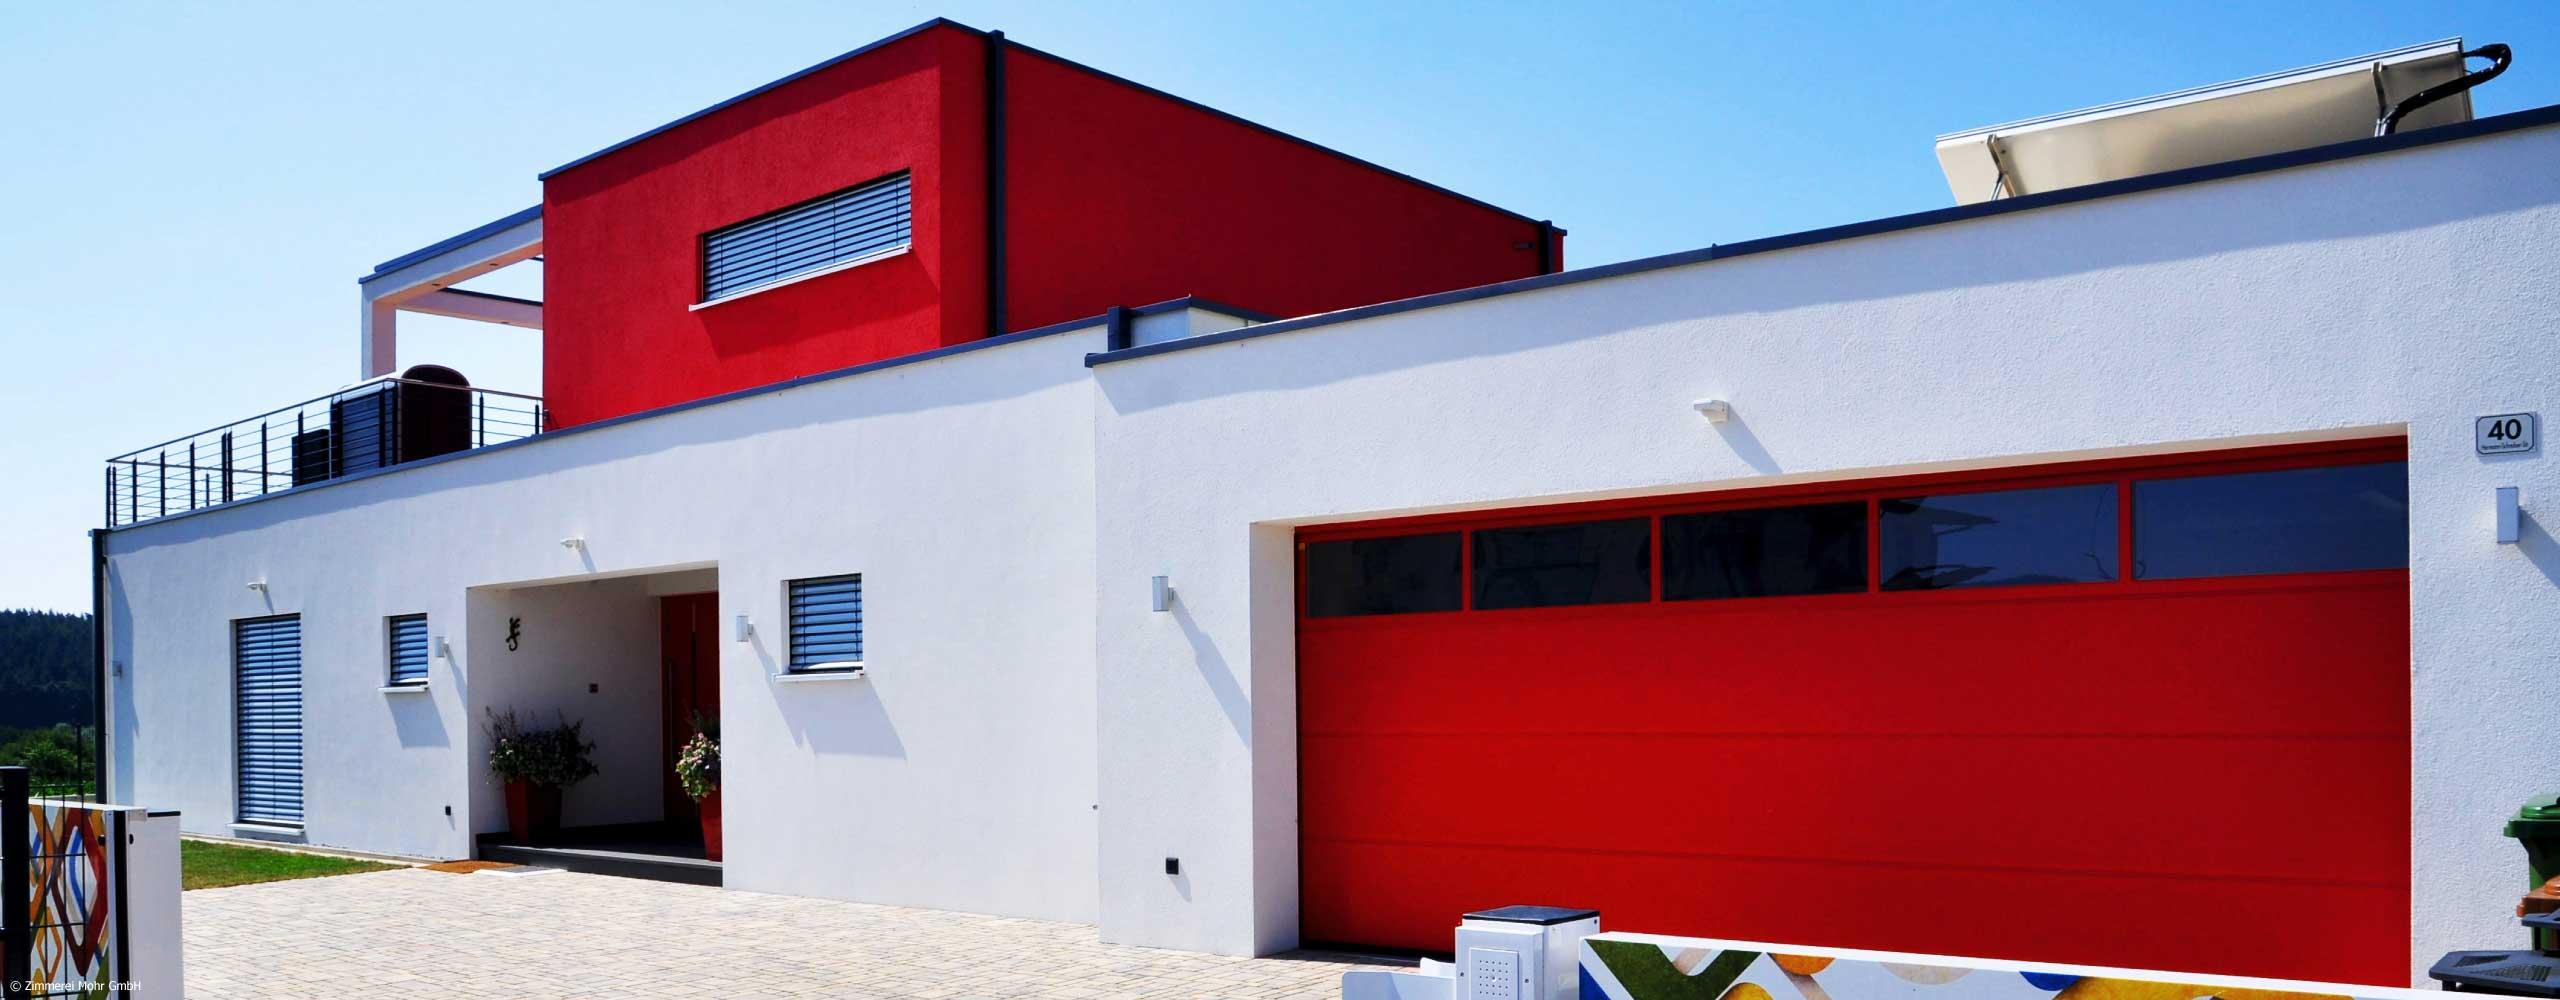 Wohnlösungen Kundenhäuser Neubau von Zimmerei Mohr GmbH